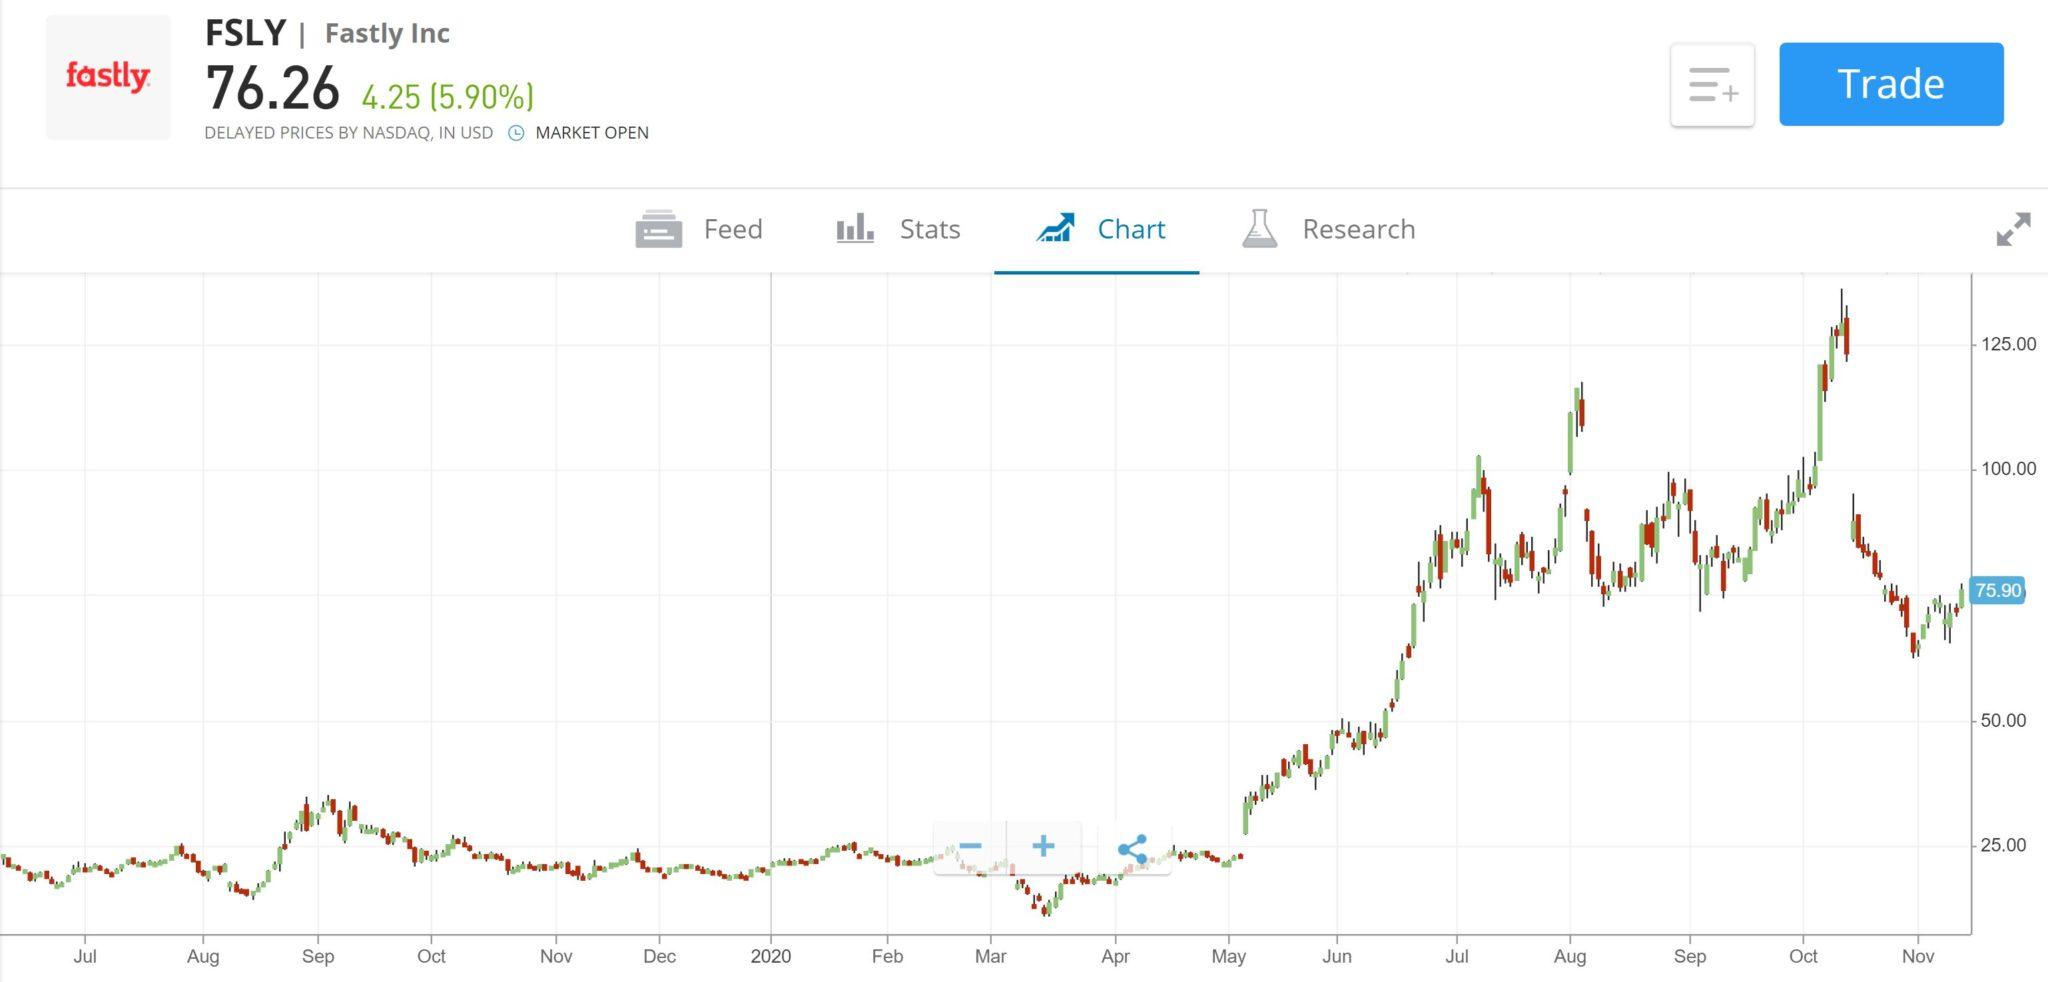 Fastly Stock Chart eToro